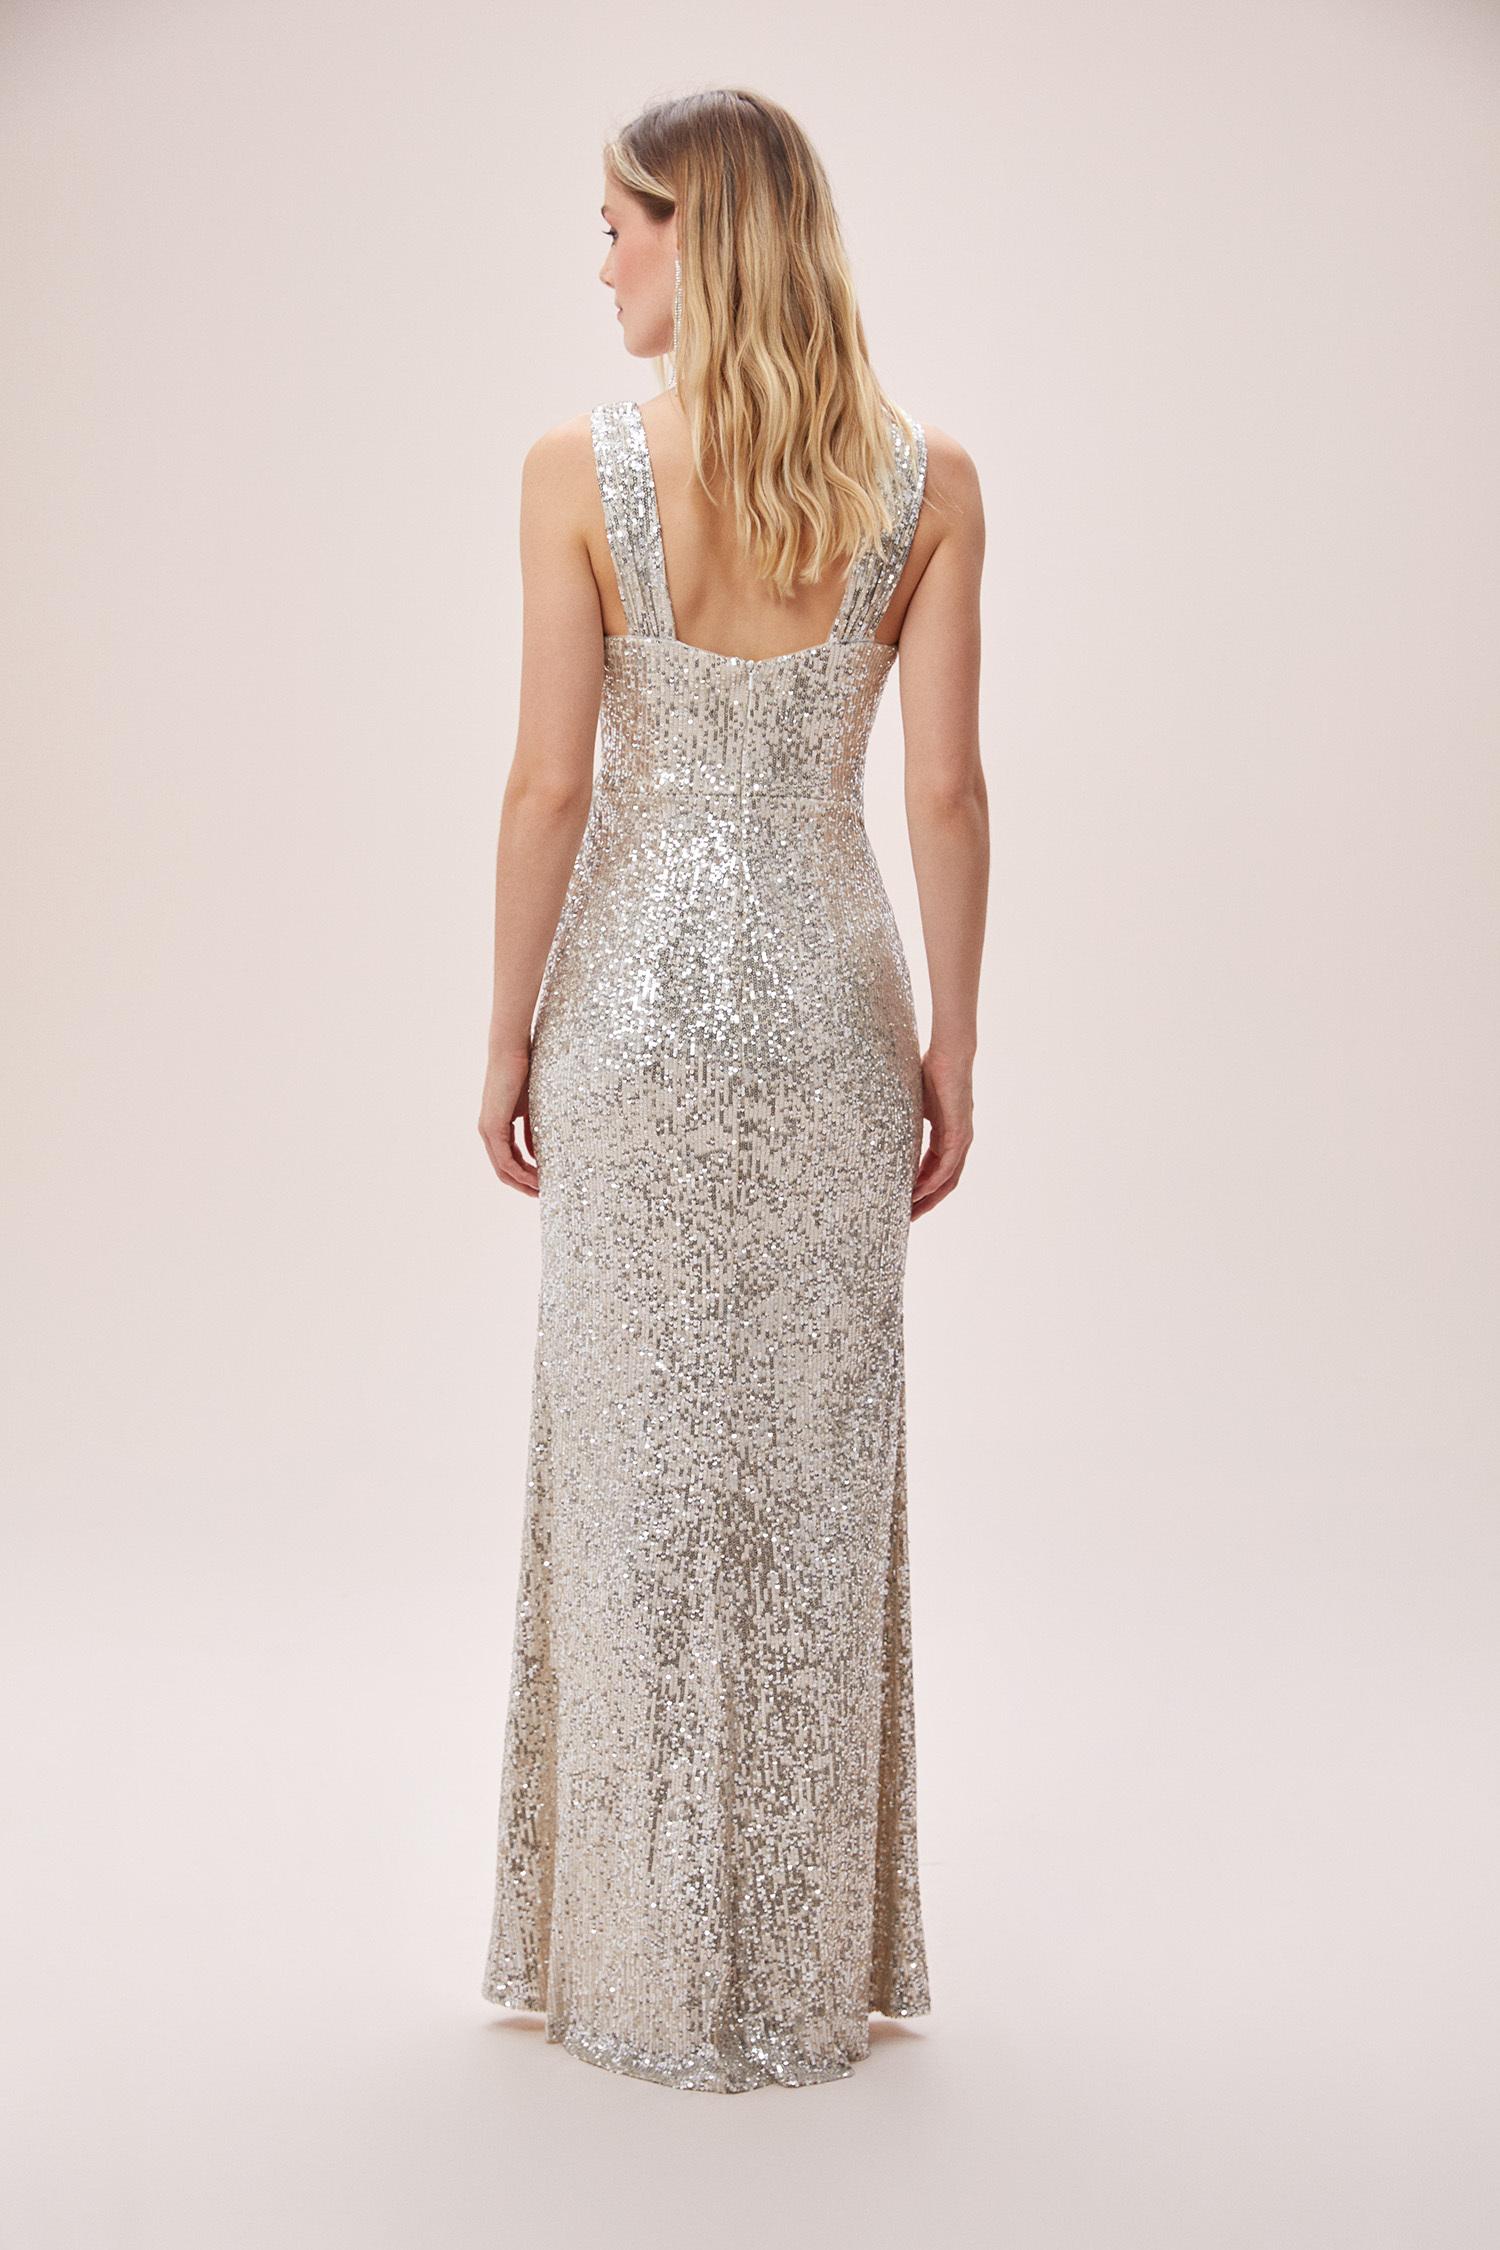 Şampanya Rengi Payetli Askılı Yırtmaçlı Uzun Elbise - Thumbnail